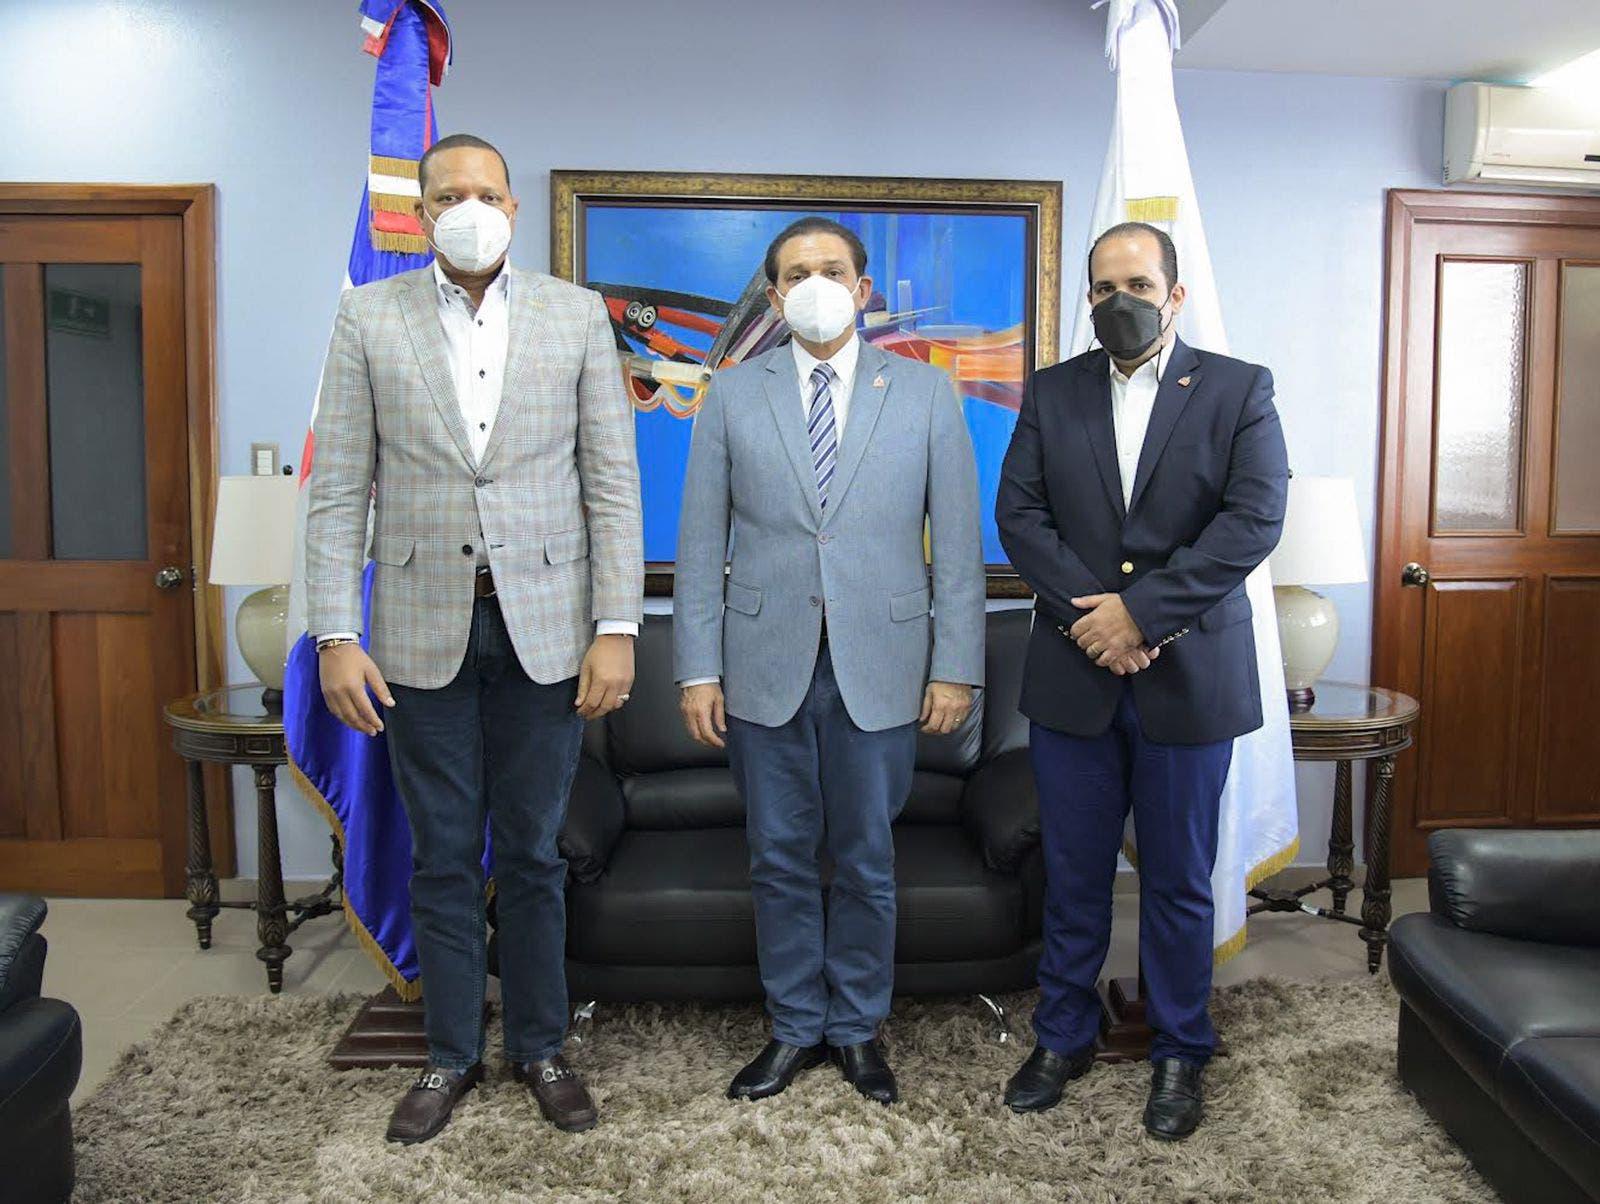 """Instituciones del Gobierno trabajan para erradicarventa químicos usados para fabricar """"ácido del diablo"""""""